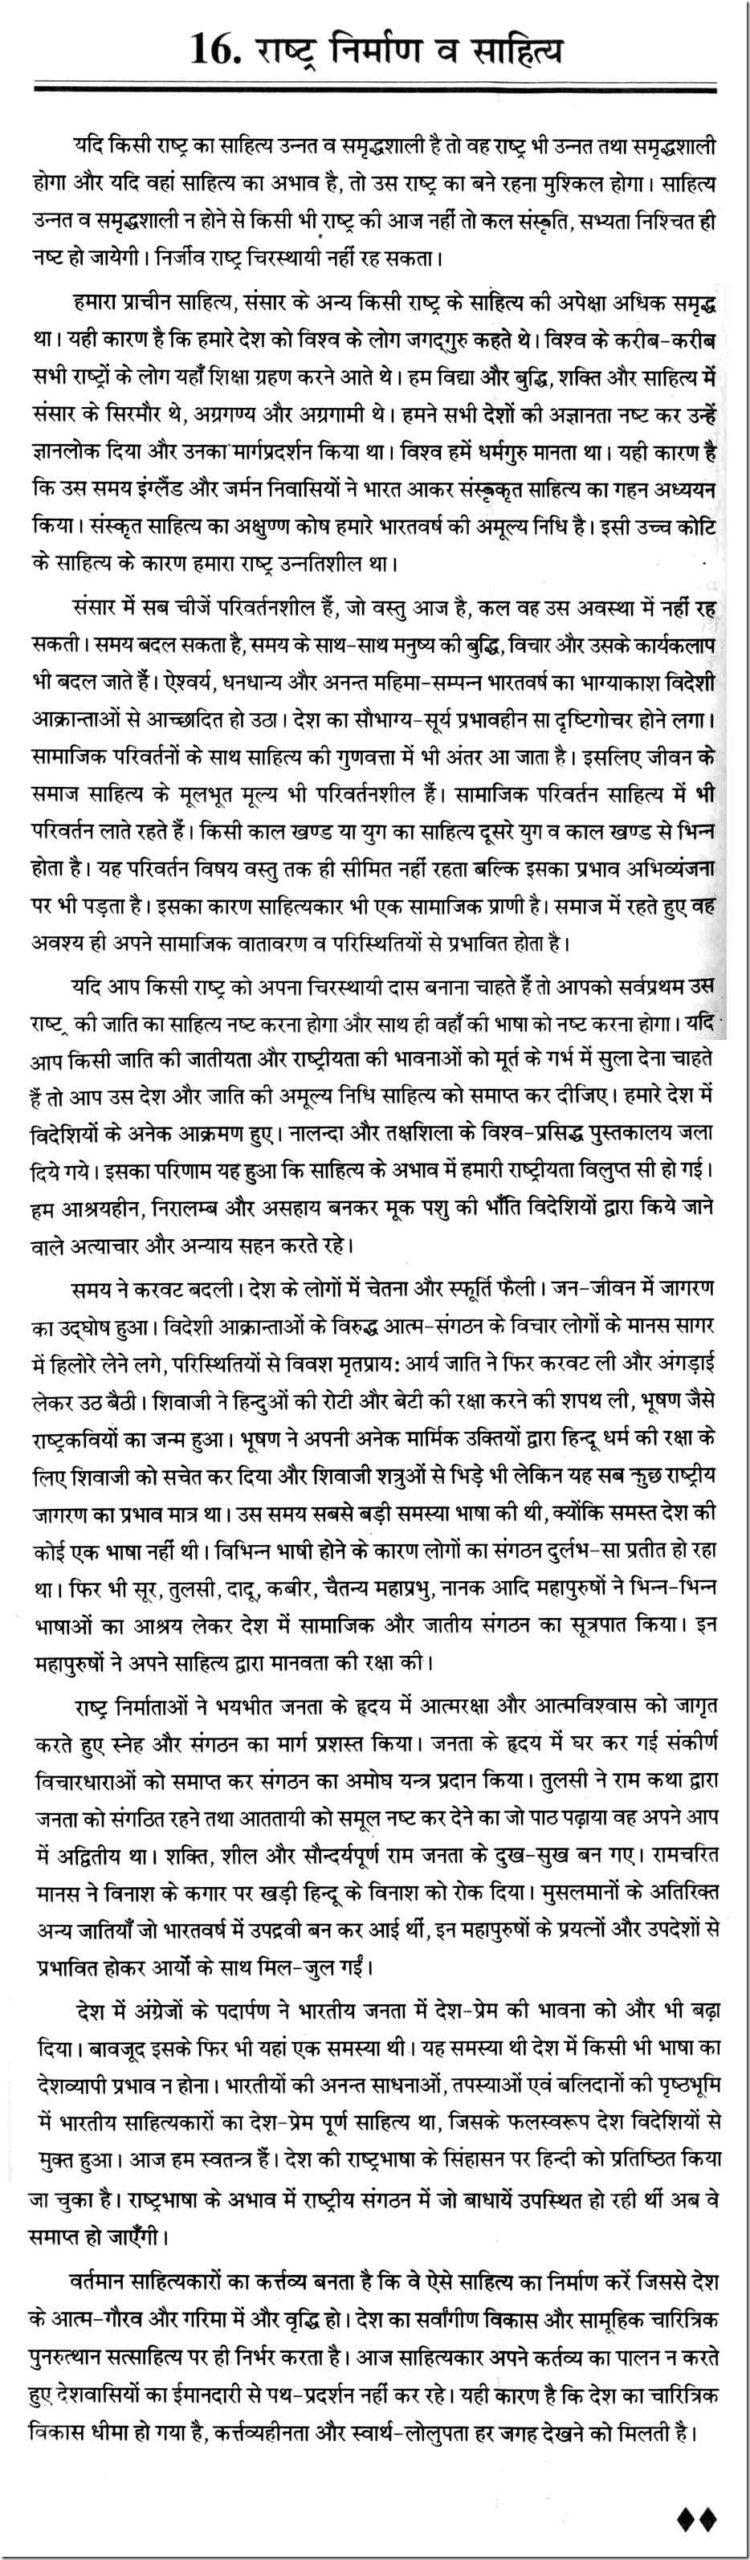 rastriya nirmaan w sahitya hindi essay